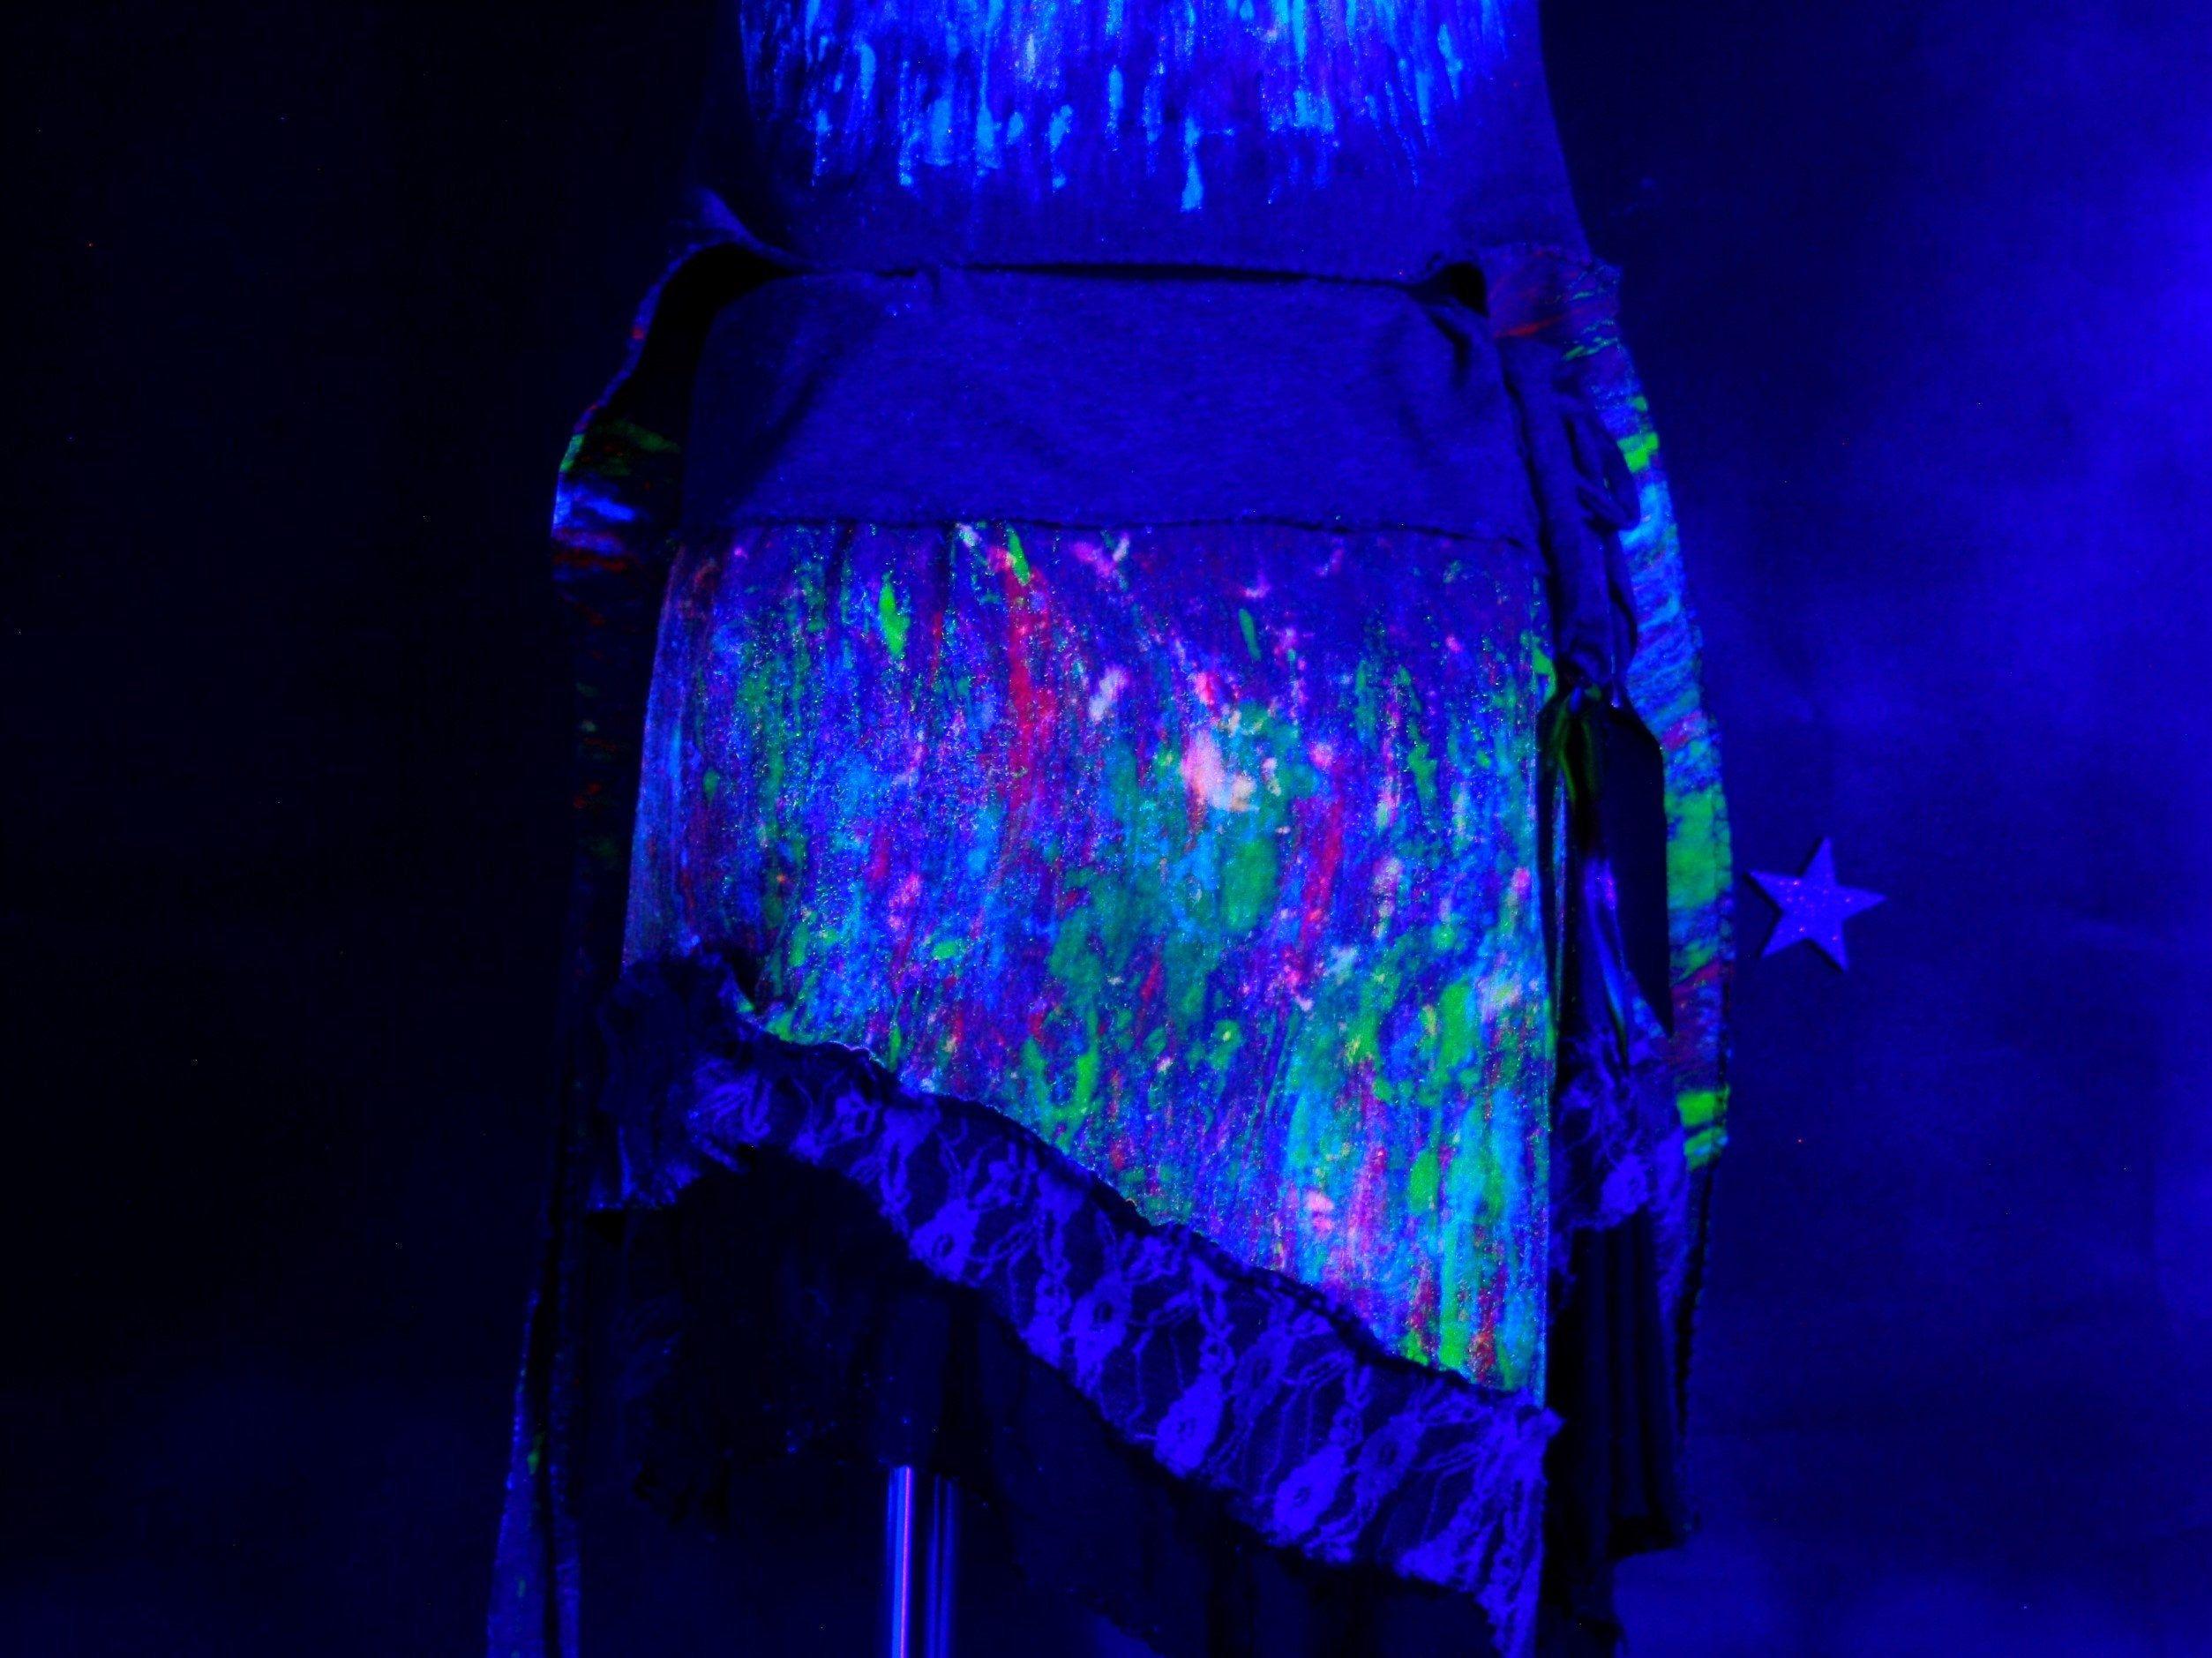 Blacklight Skirt Pixie Skirt Goa Zipfelrock Etsy Pixie Skirt Black Light Pixie